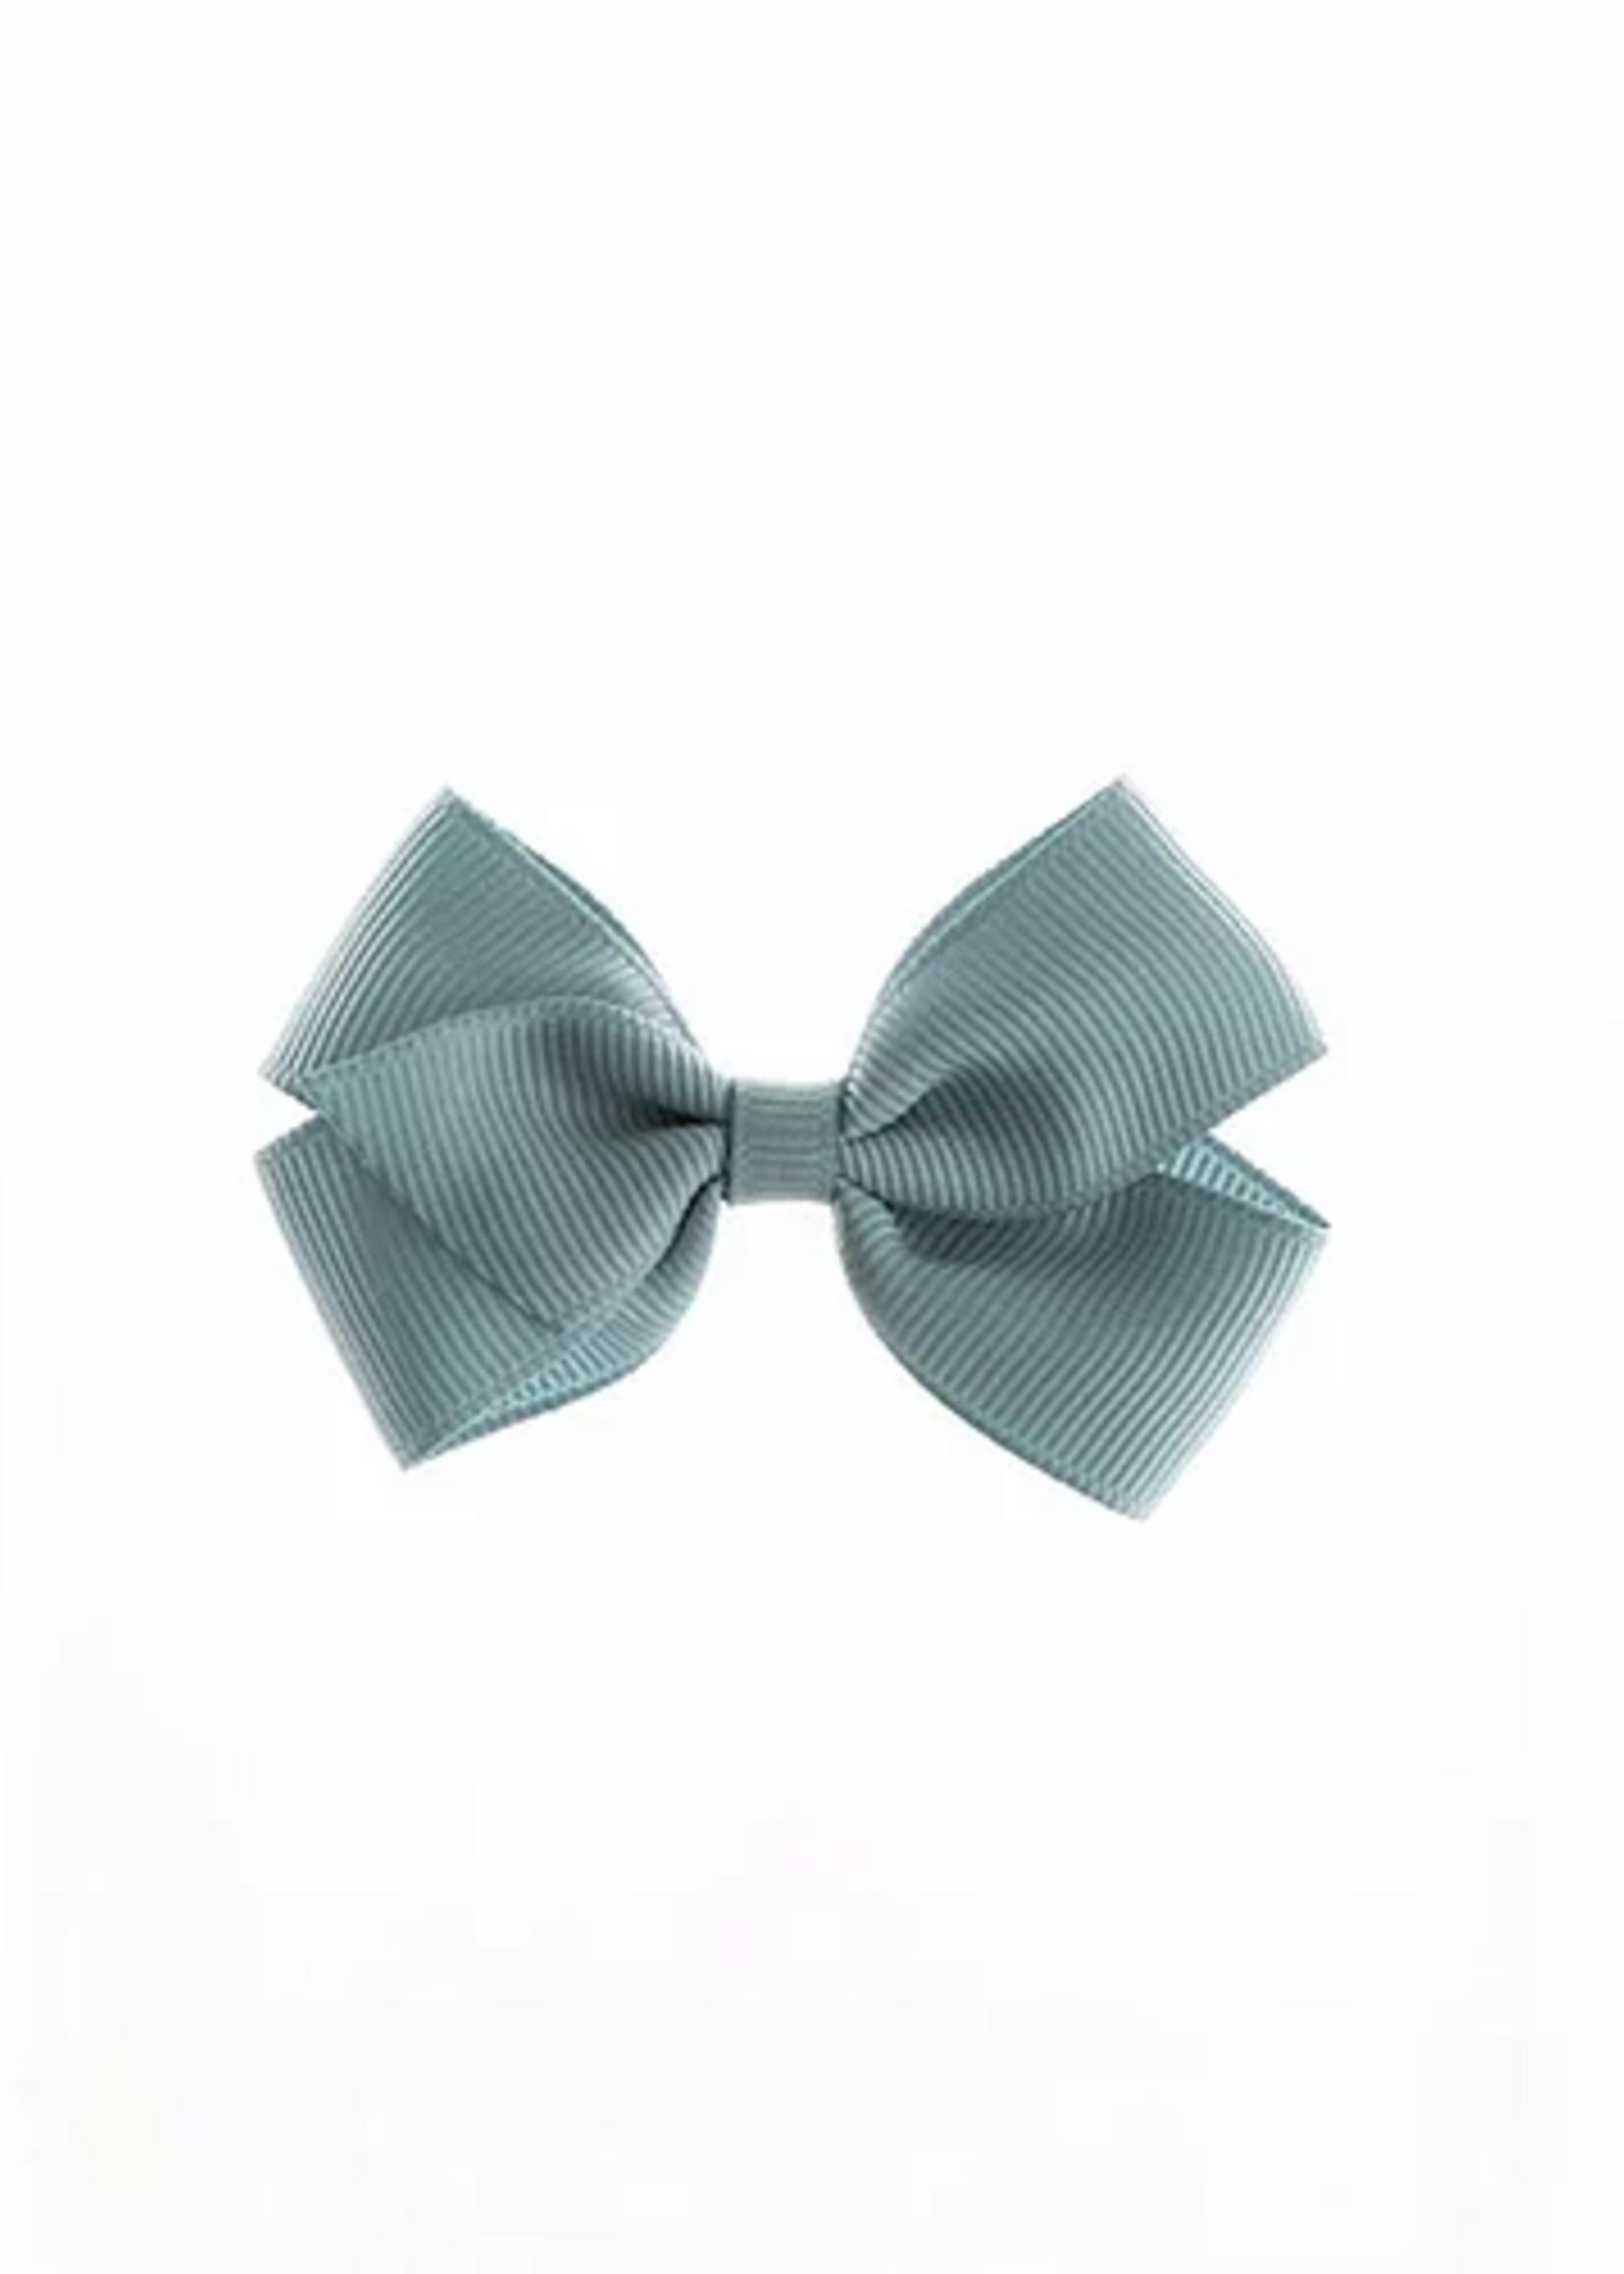 olilia Olilia Small London Bow (Nile Blue)